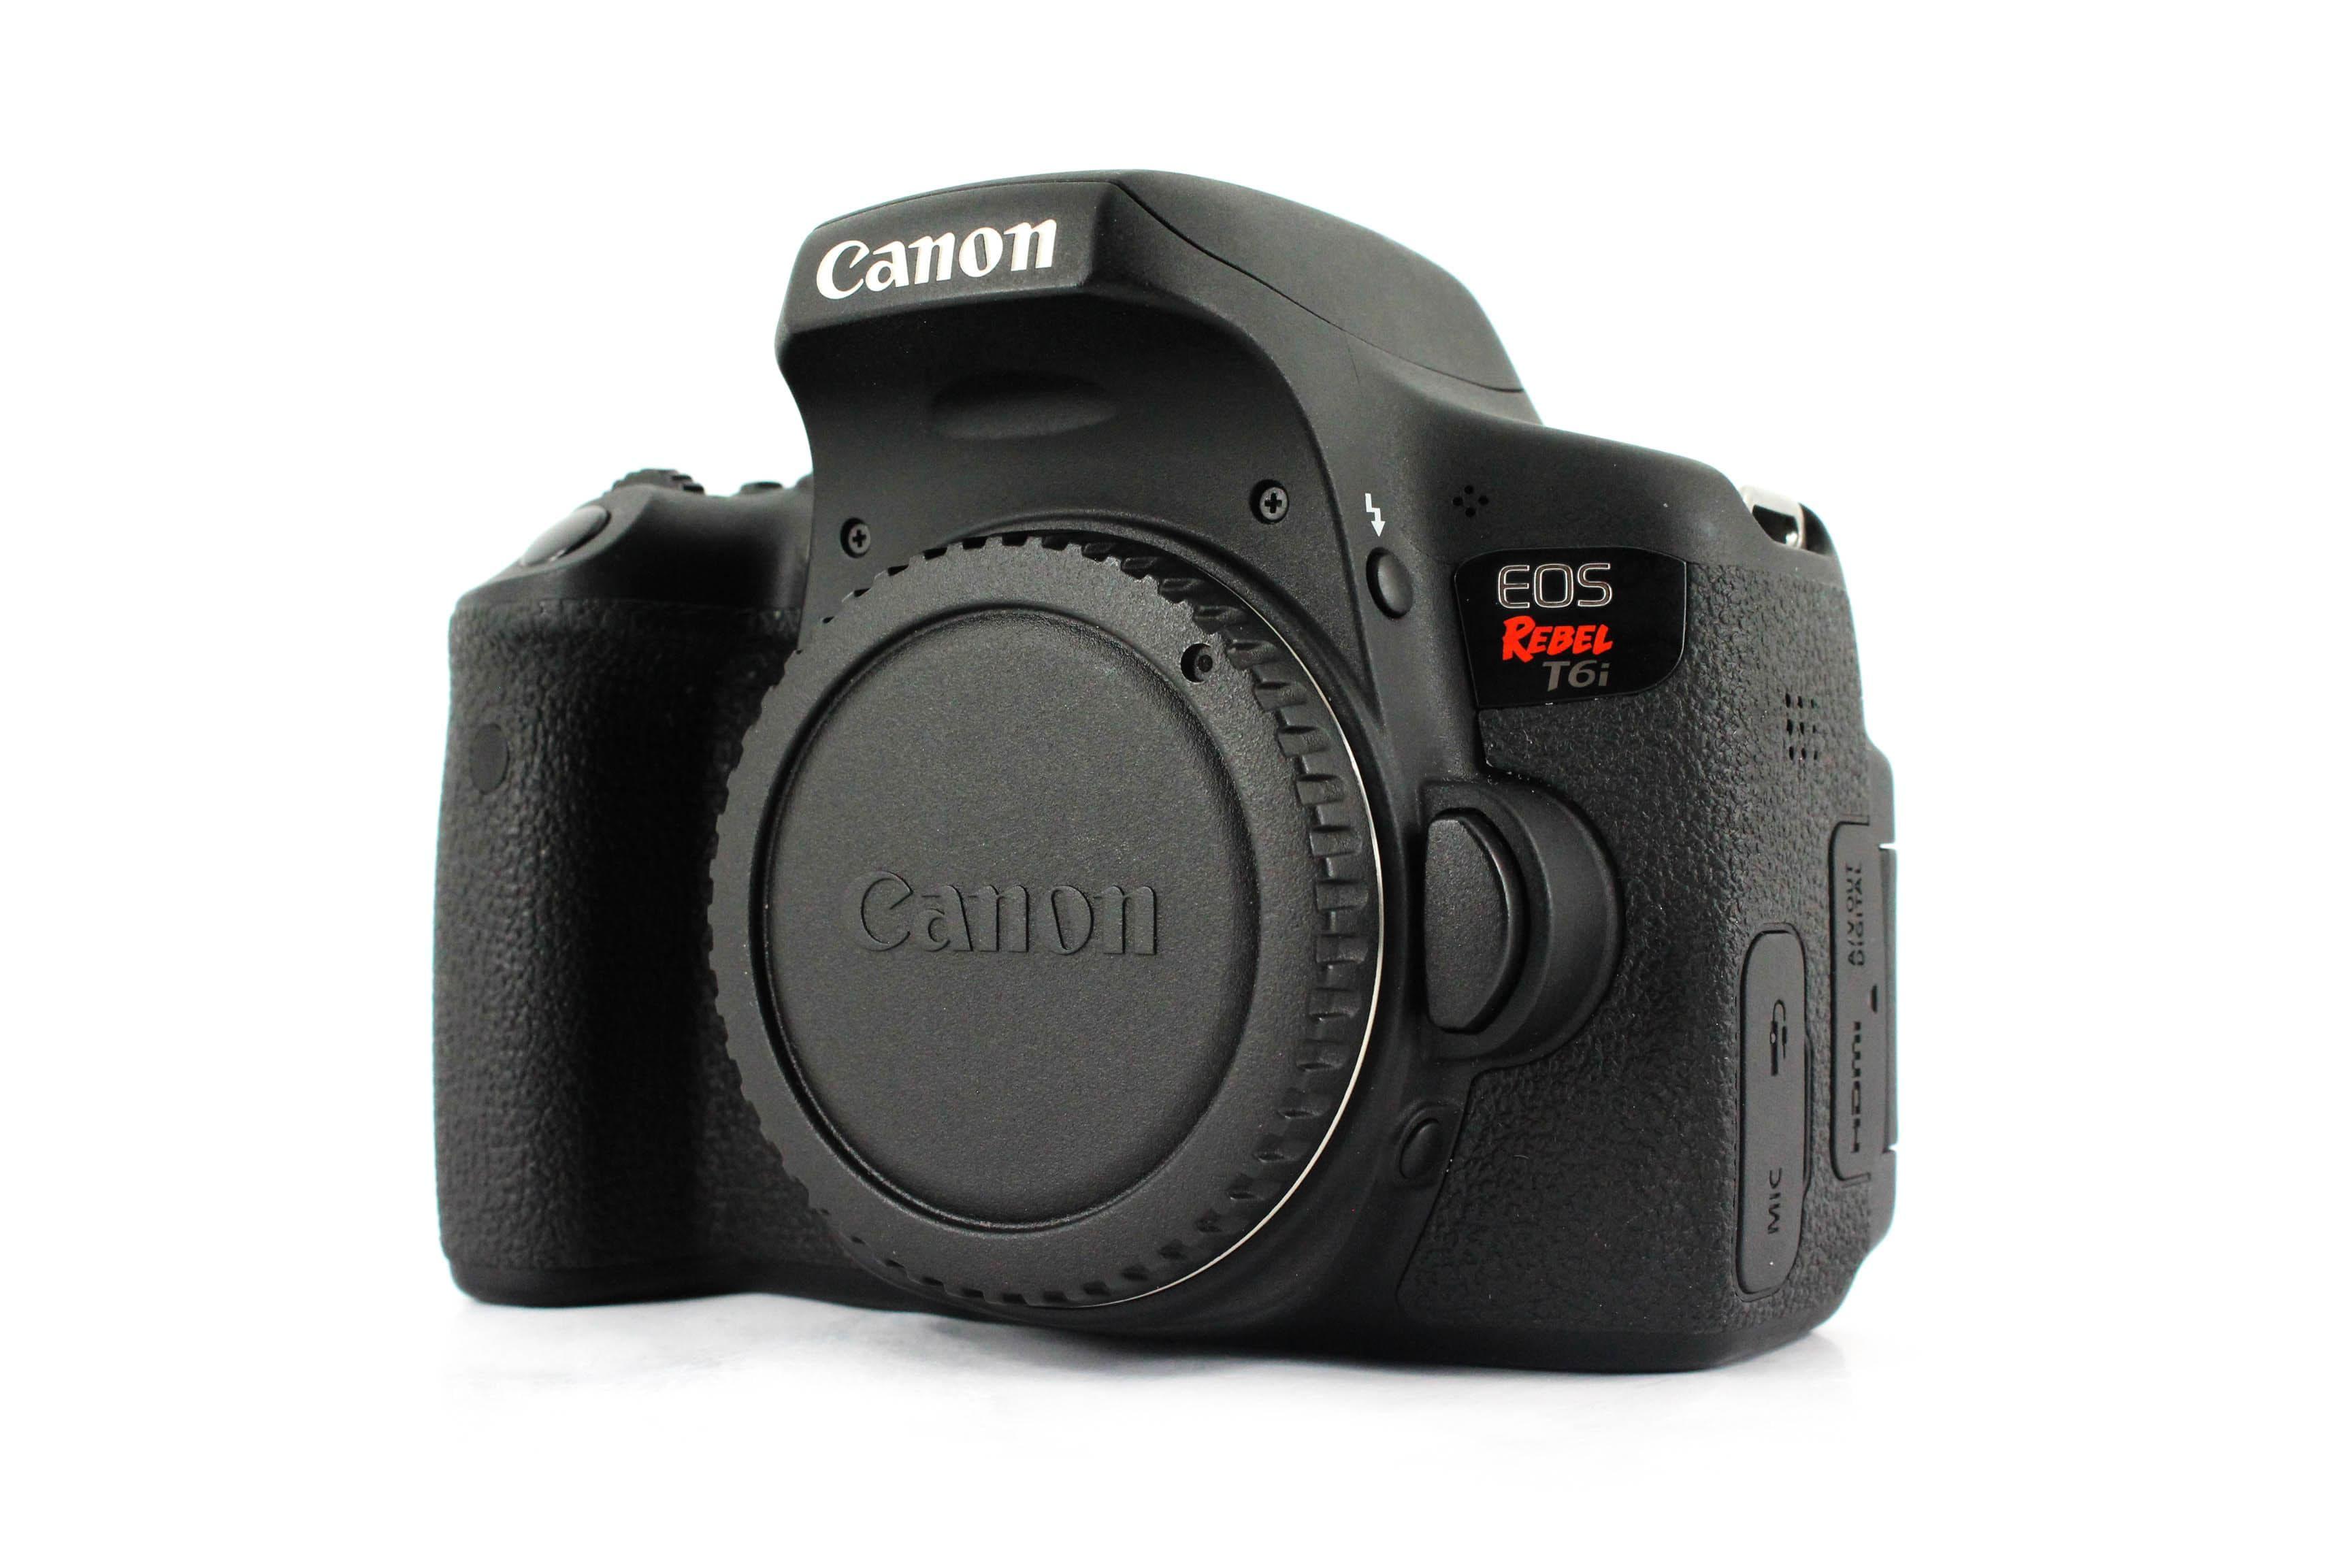 canon750d min image